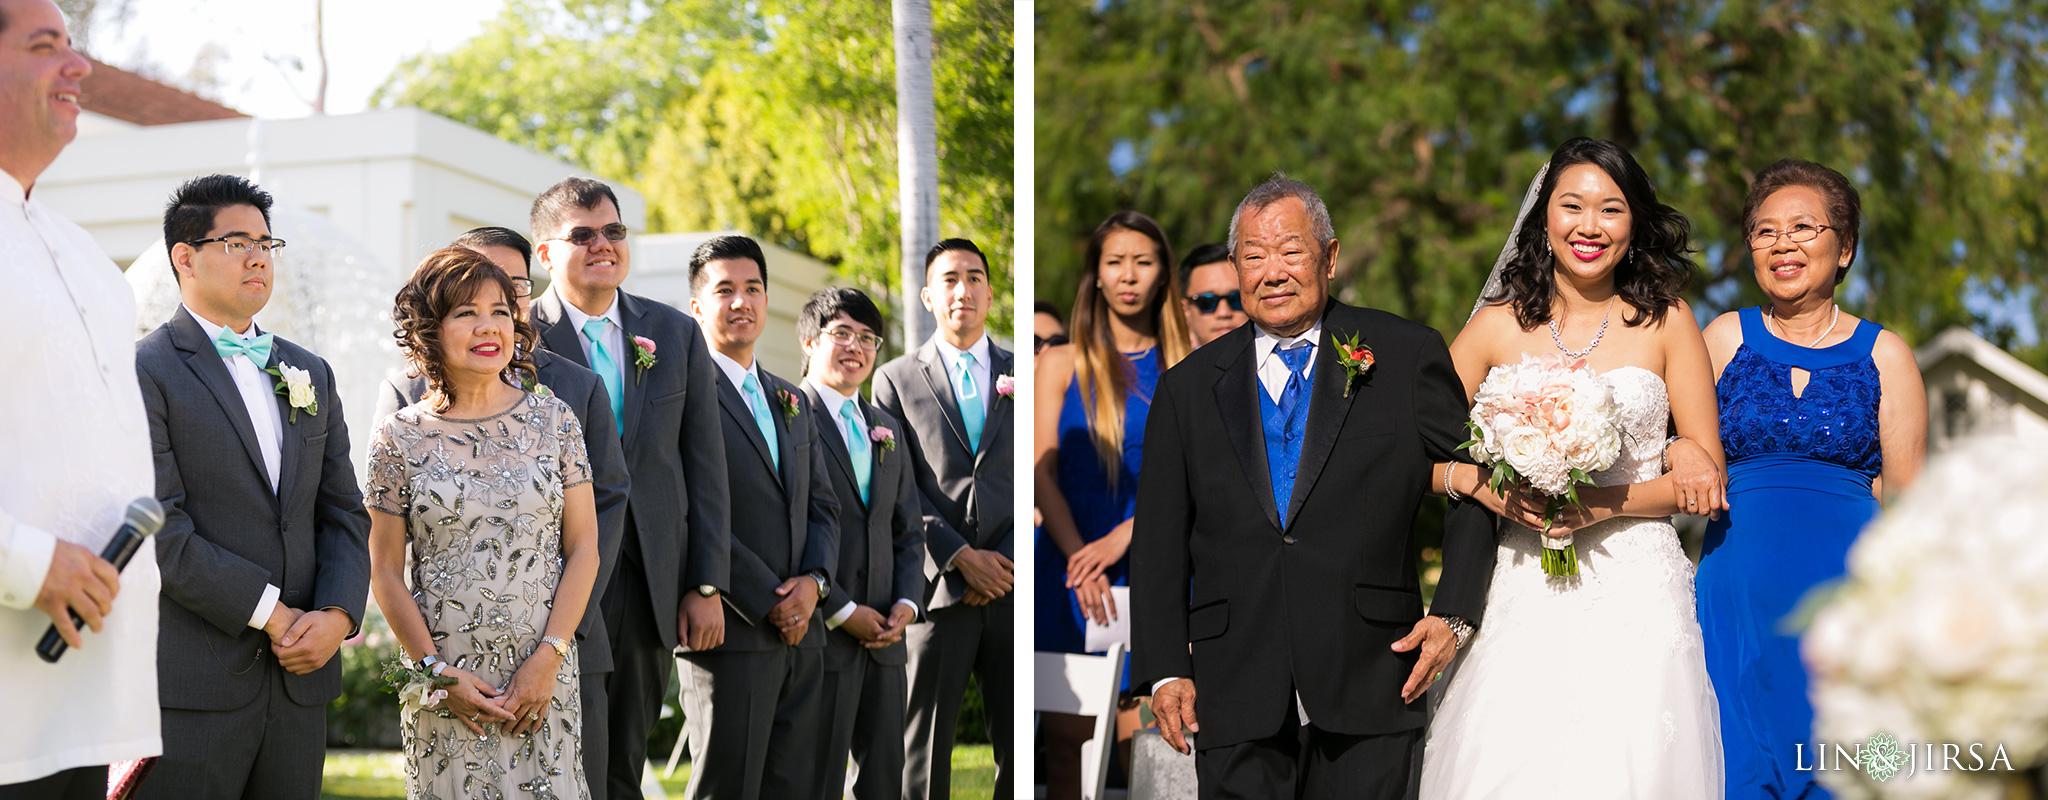 17-richard-nixon-libary-wedding-photography